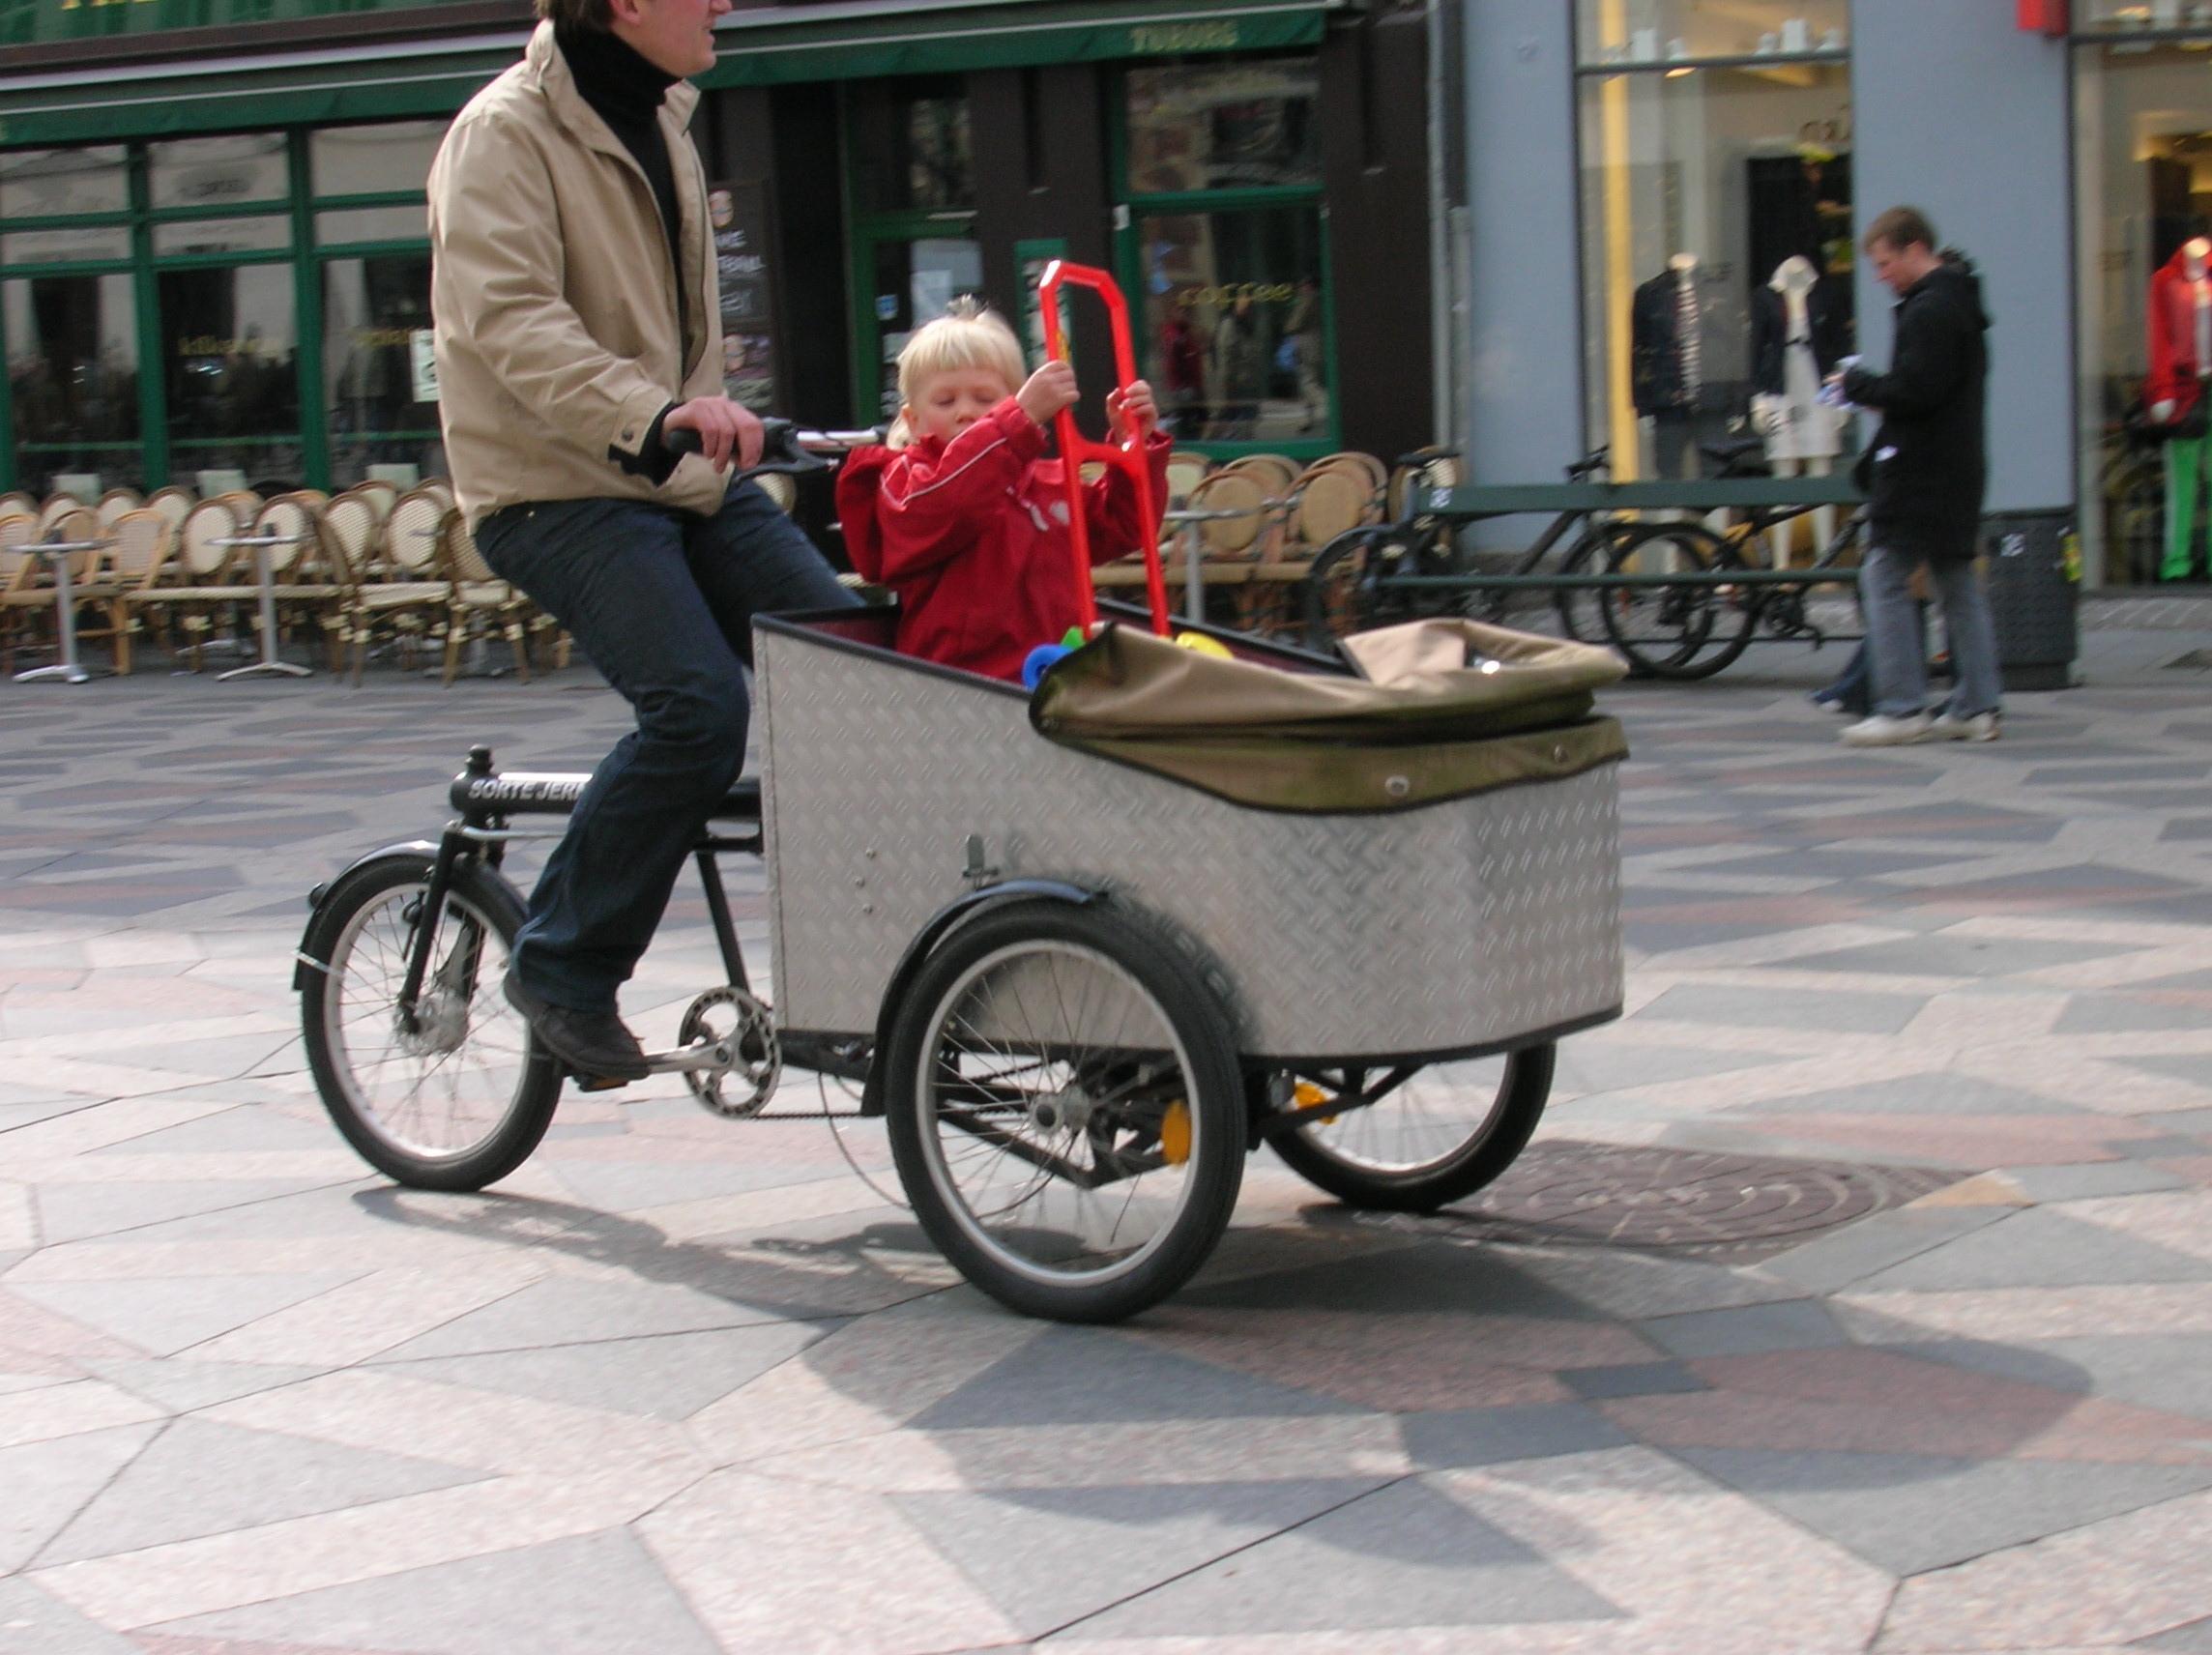 Scegliere una stabile bici elettrica tre ruote